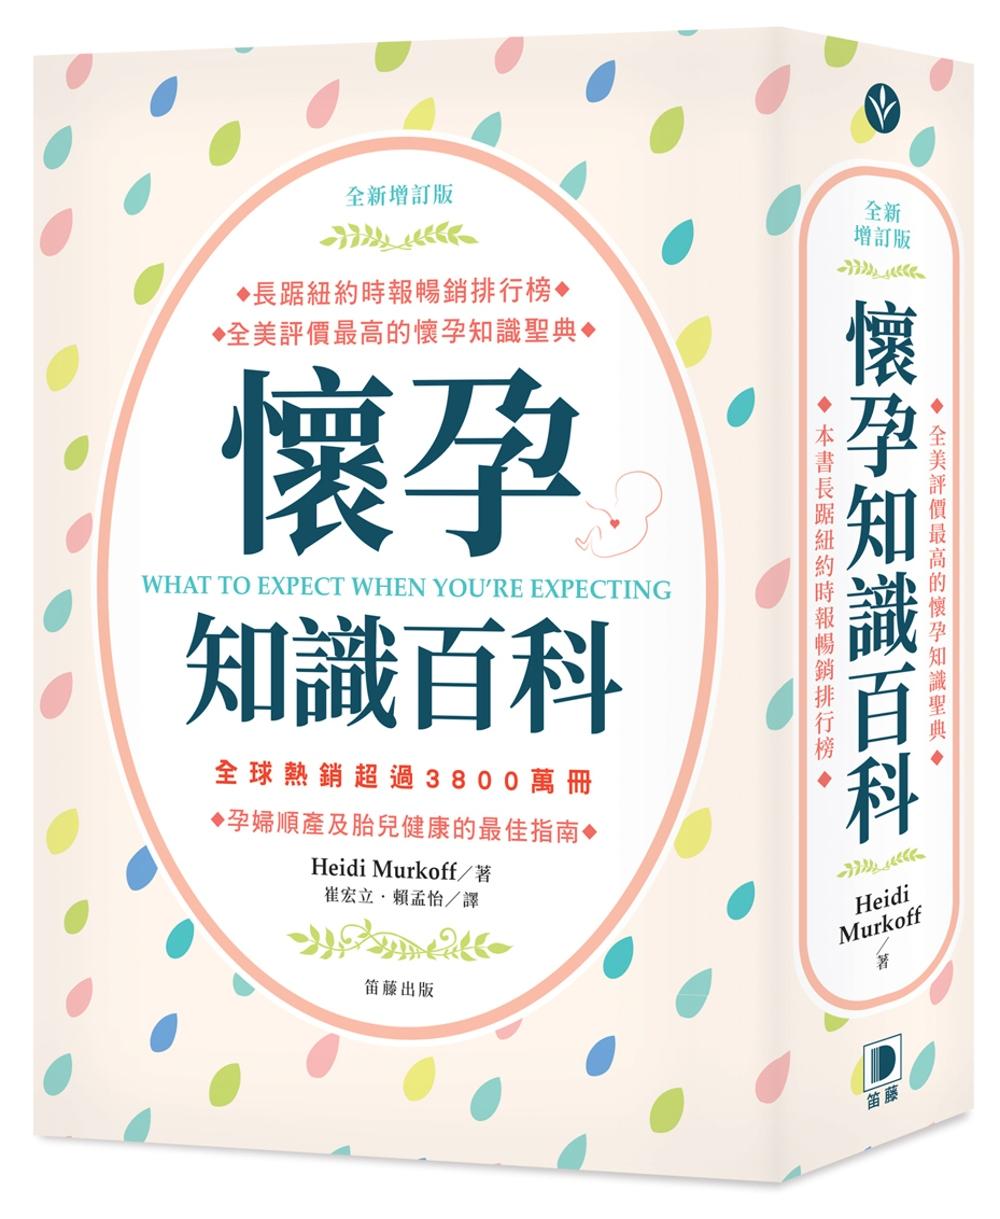 全新增訂版 懷孕知識百科:孕婦順產及胎兒健康的最佳指南(五版)